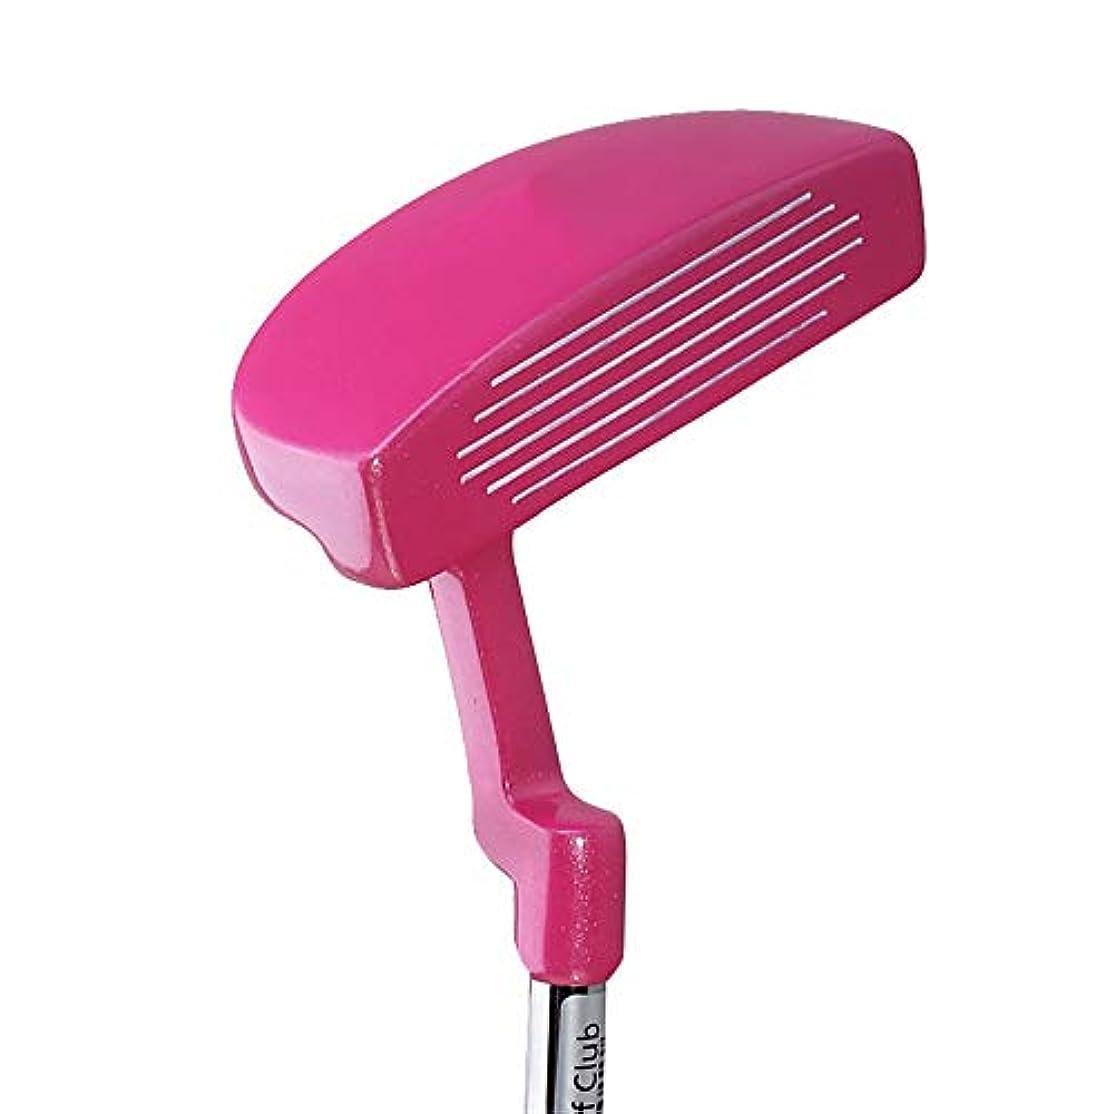 スーツケースマッシュジョージエリオットゴルフクラブ パター 人格ピンク女性ゴルフパター子供用ゴルフクラブ初心者練習ポール右手左手使用ゴルフ練習クラブ(3?12歳) ロブウェッジゴルフクラブ (Color : Pink, Size : Height 135-150cm)